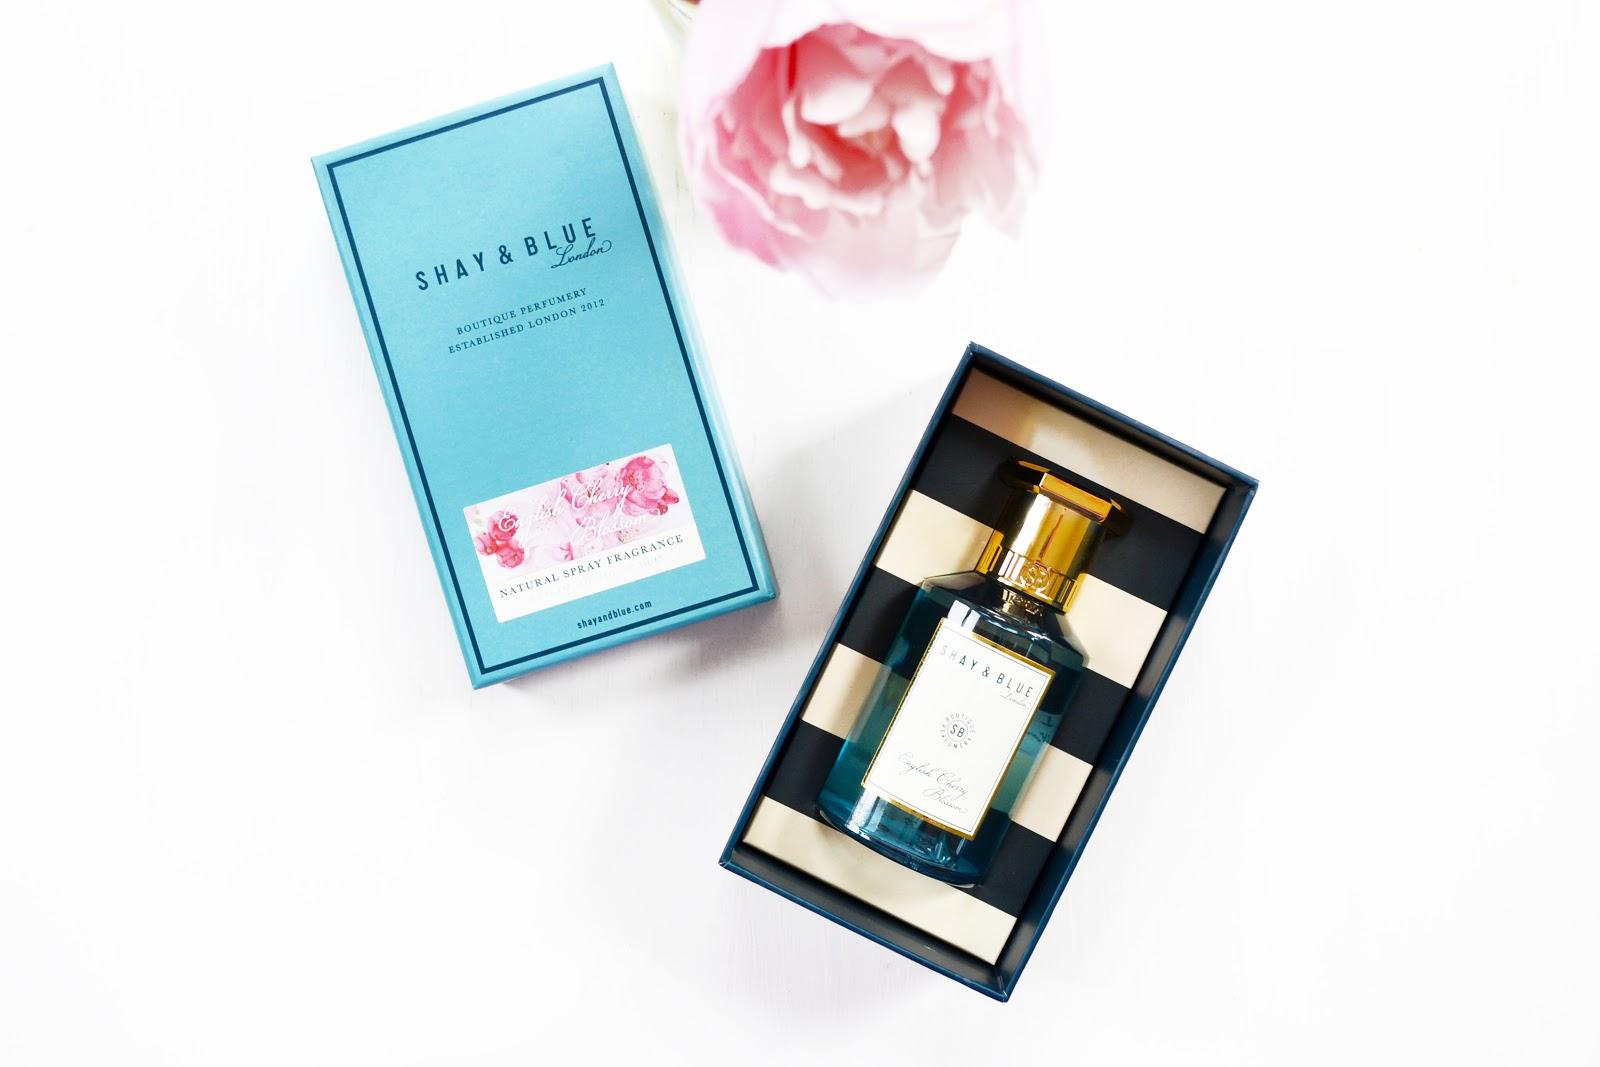 Shay & Blue English Cherry Blossom Perfume